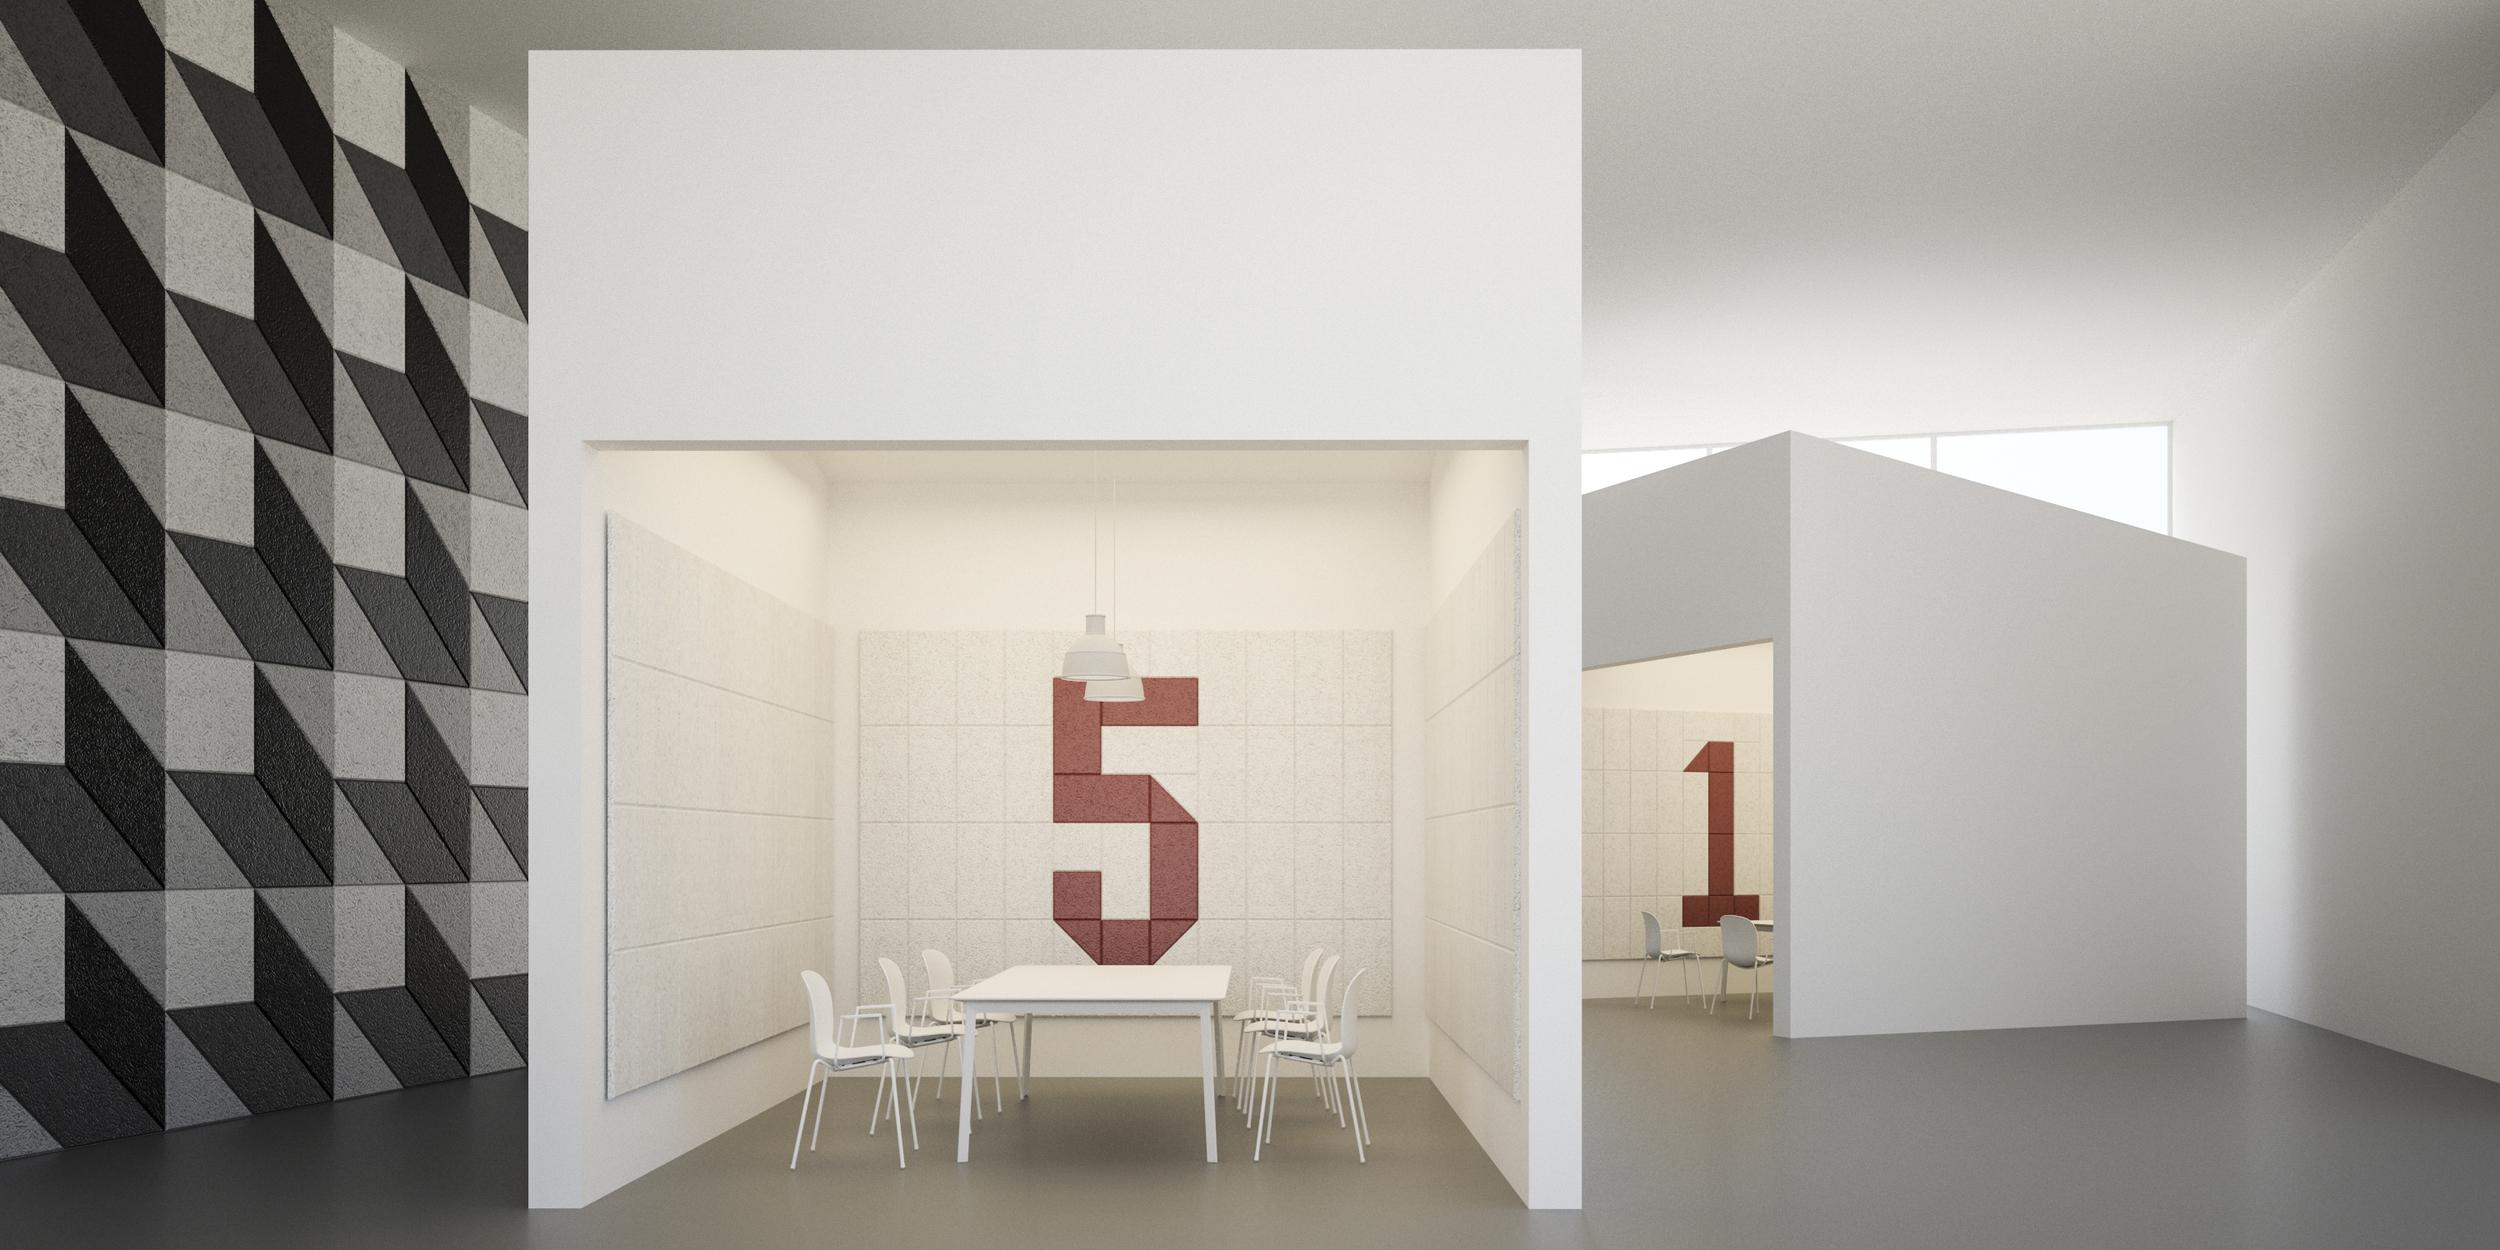 BAUX_meeting room set 7.jpg